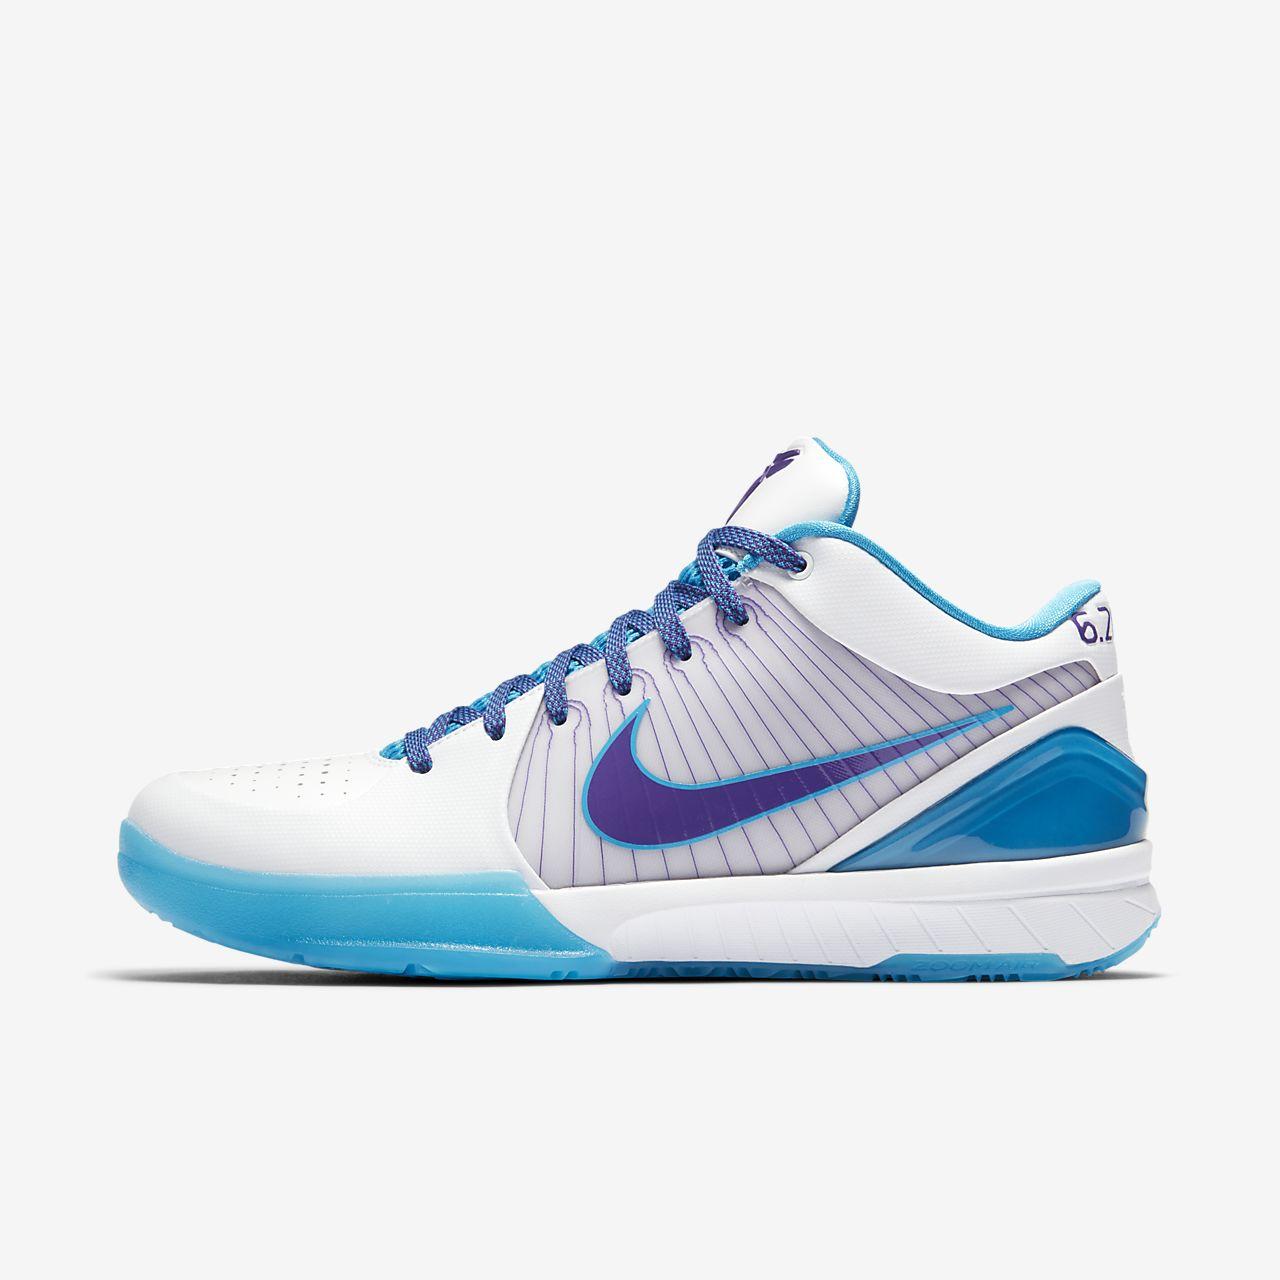 a2de3c93ee72 Kobe IV Protro Basketball Shoe. Nike.com